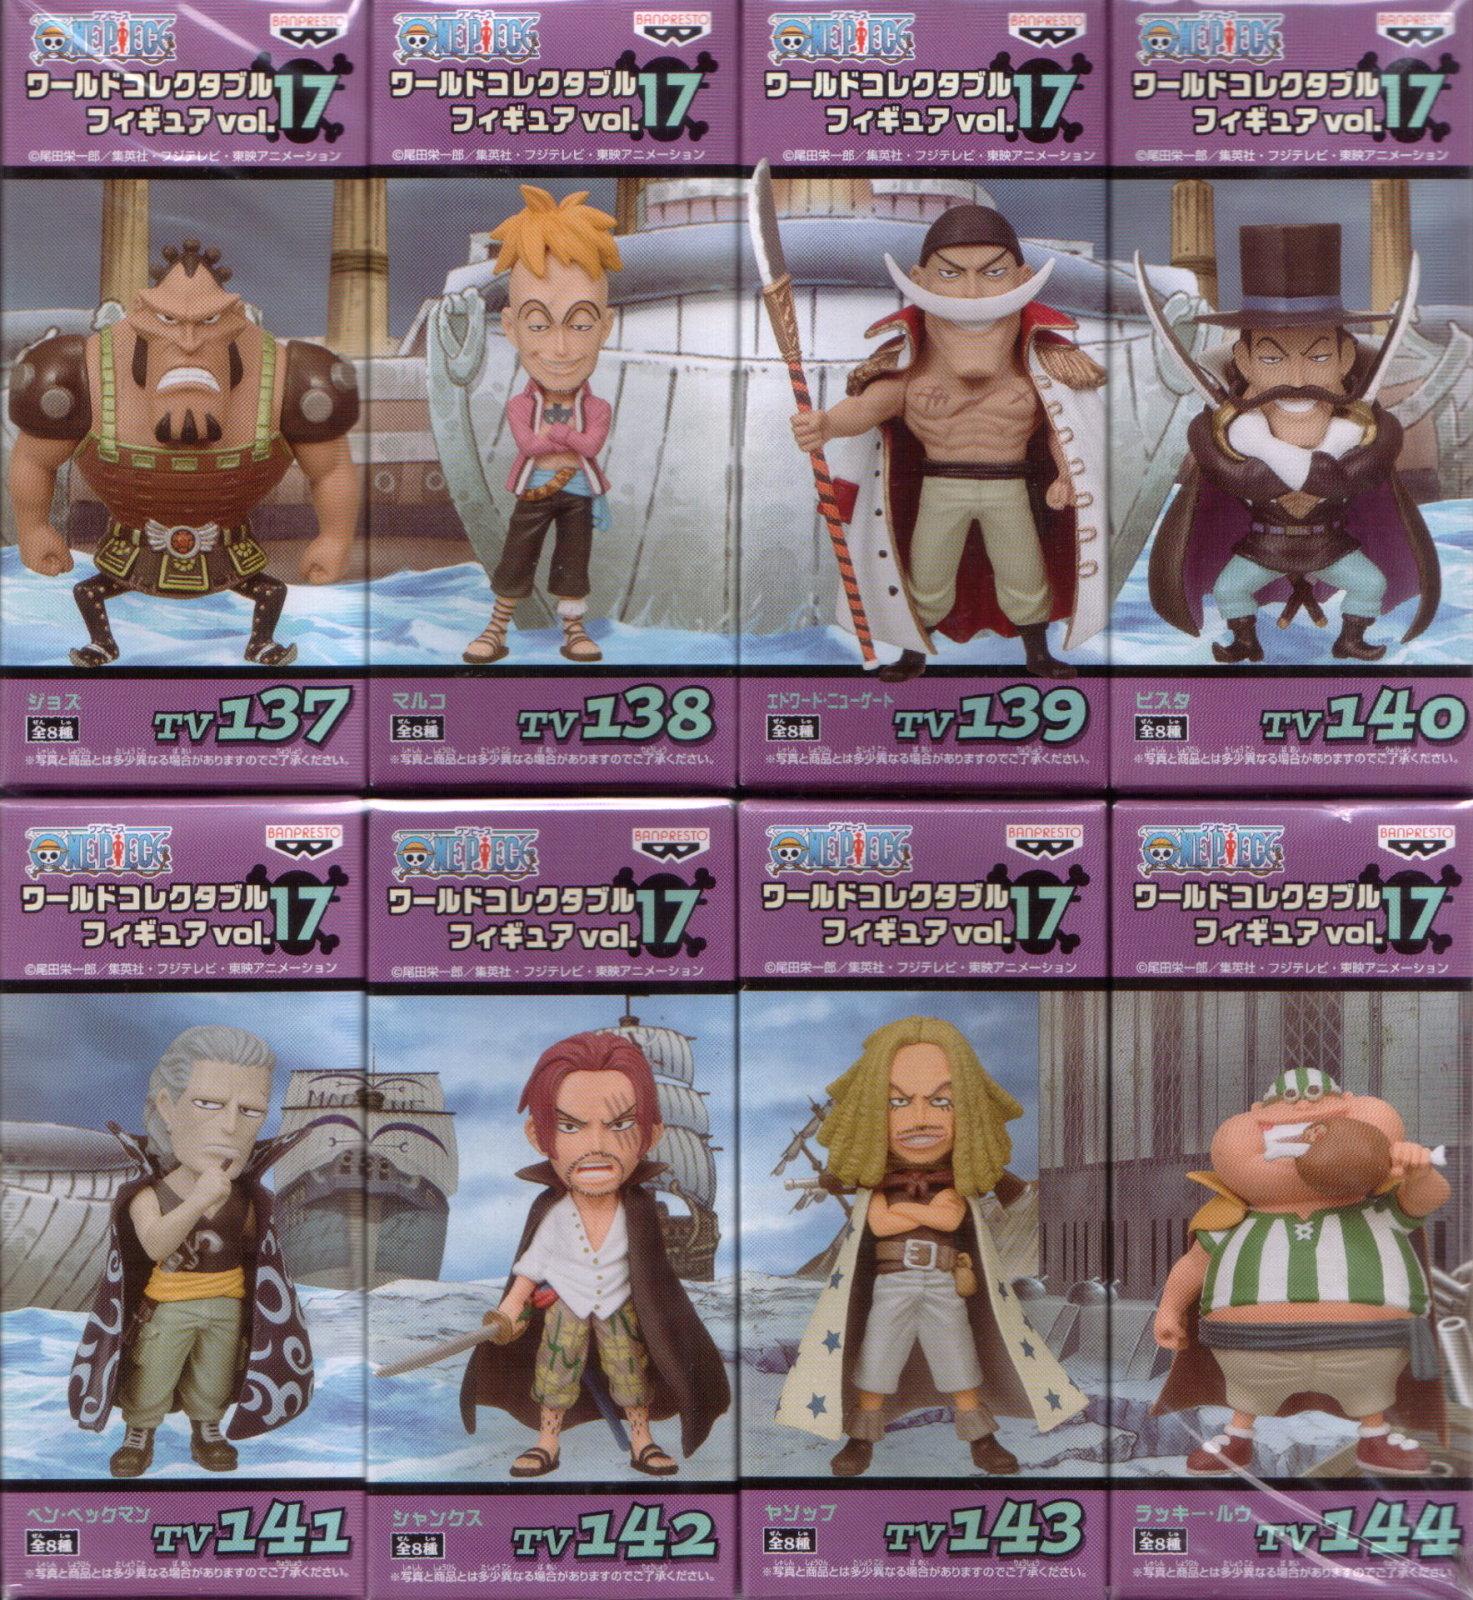 日版金證 WCF 白鬍子海賊團 VS 紅髮海賊團 大全8隻 航海王 海賊王 One Piece VOL.17